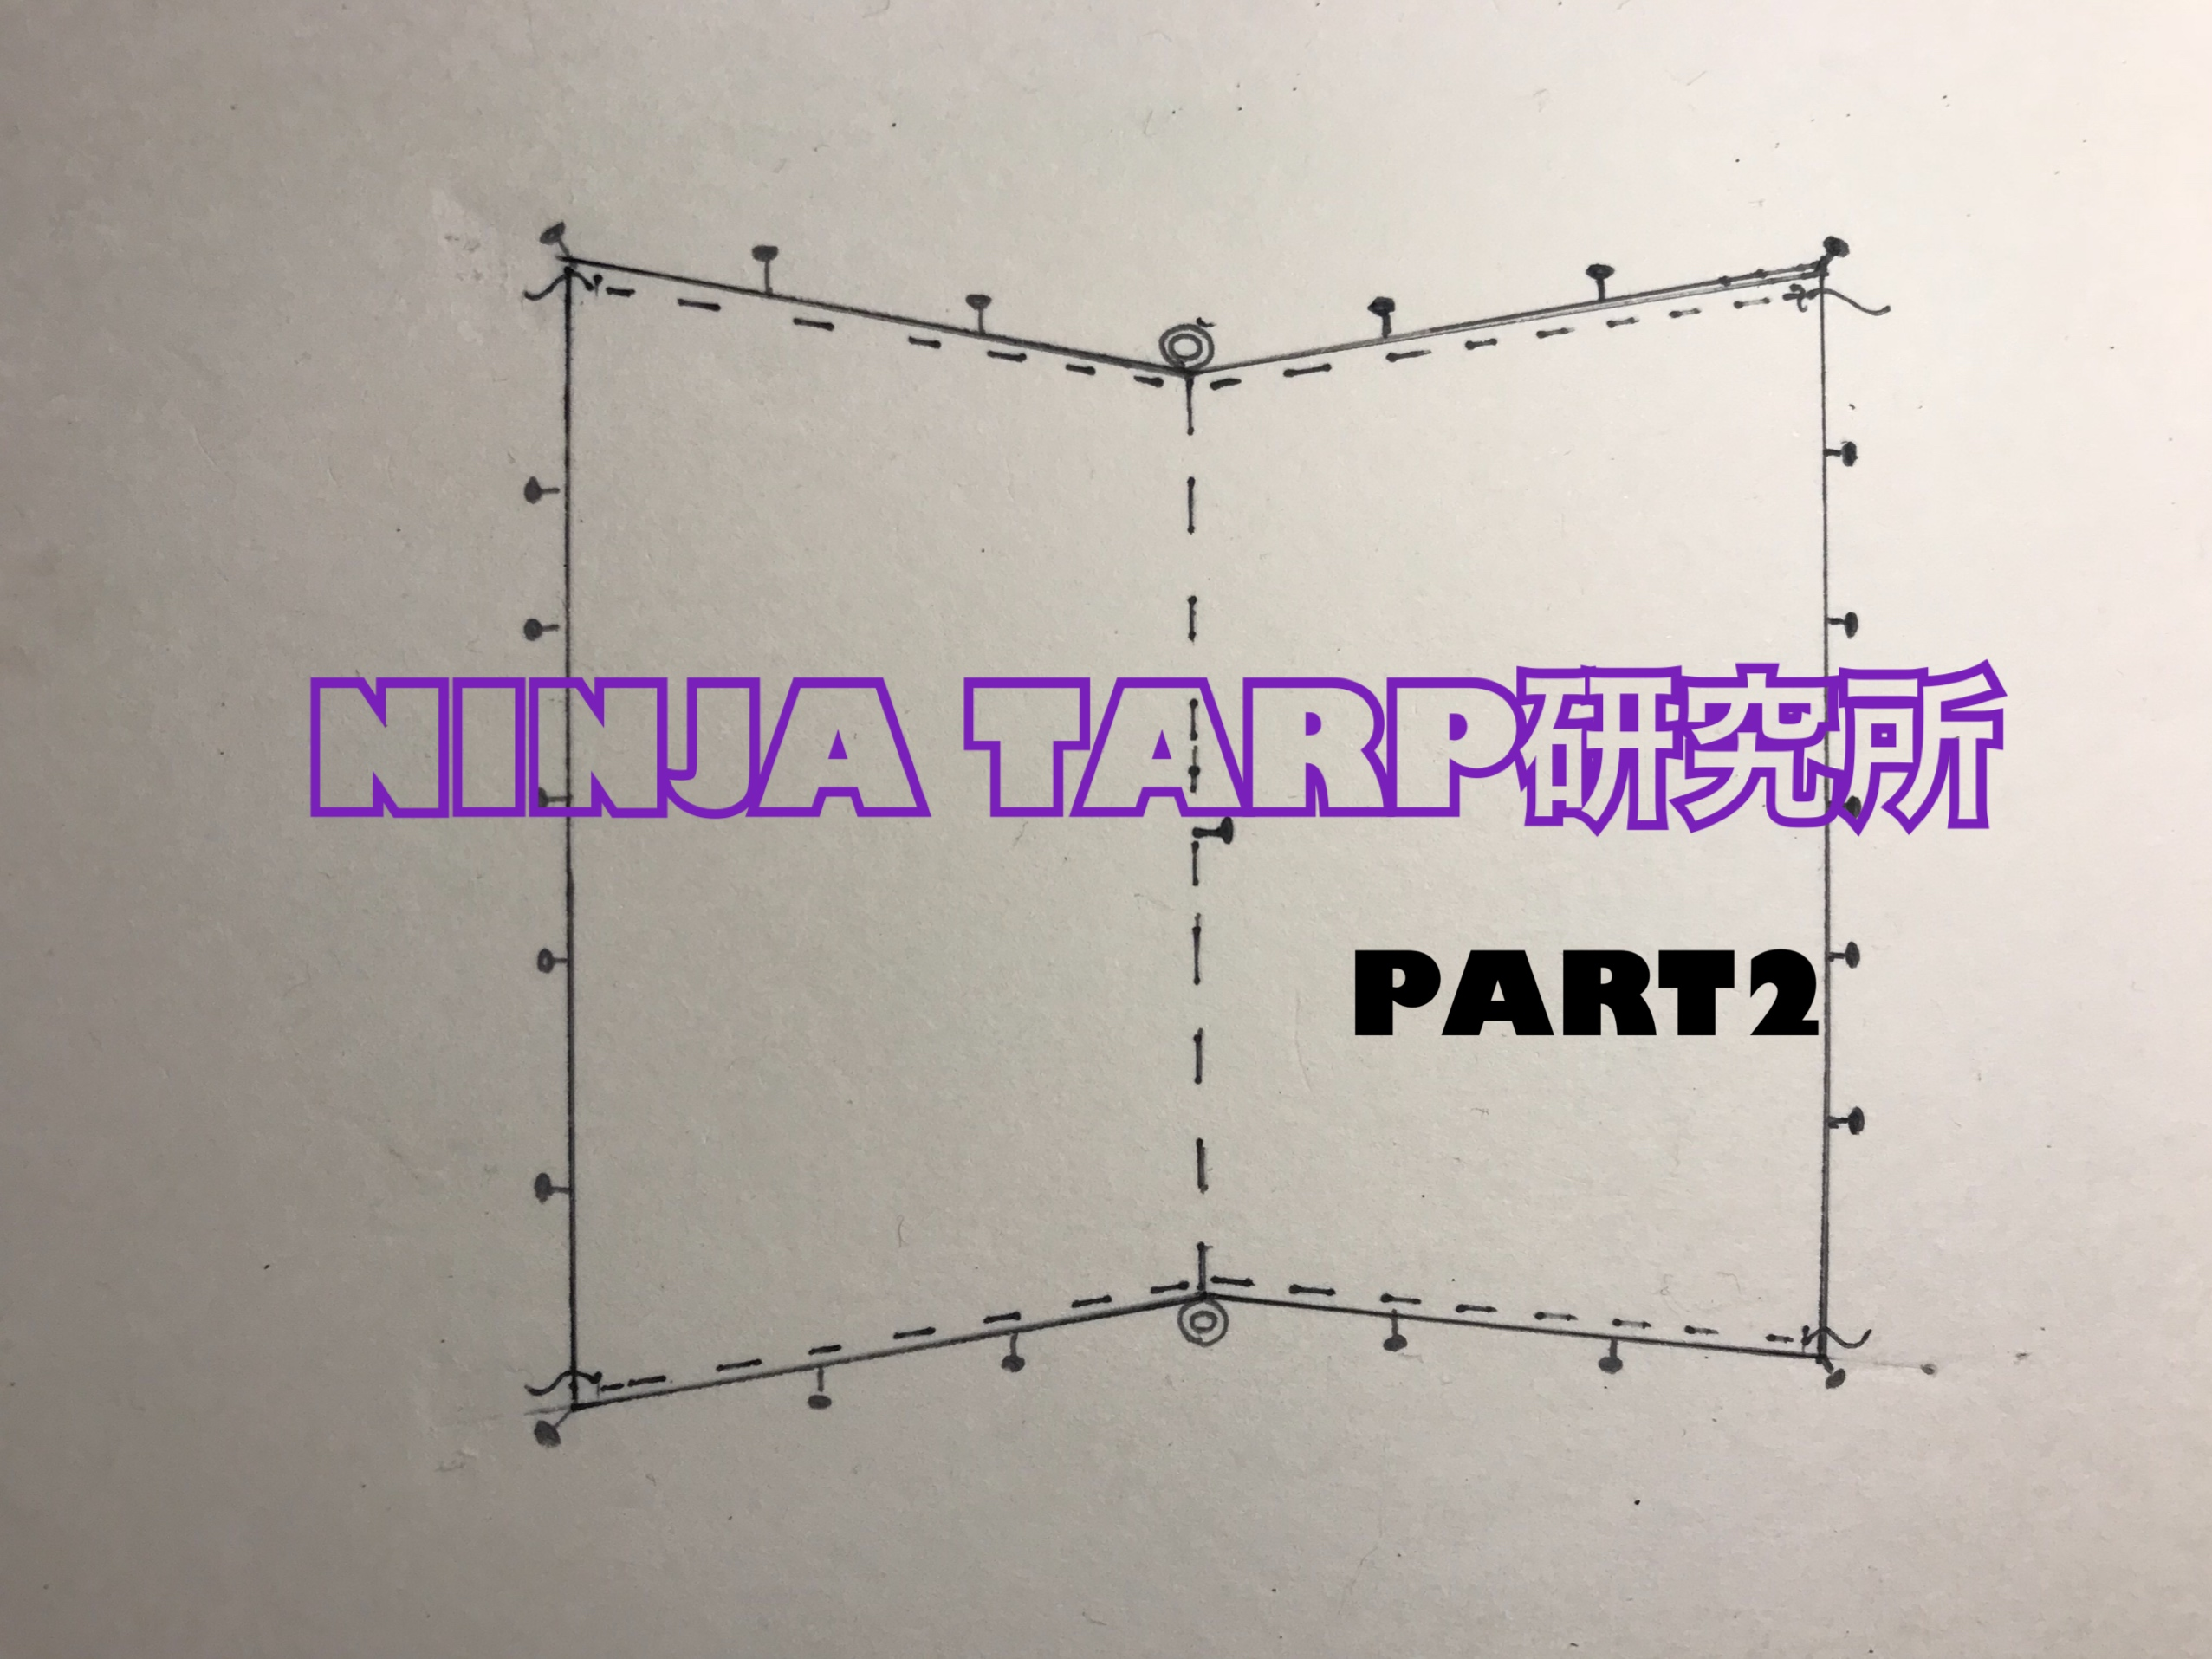 【NINJA TARP研究所】パーゴワークス ニンジャタープは変幻自在だ!第2ノ巻「ムーンライト型」!